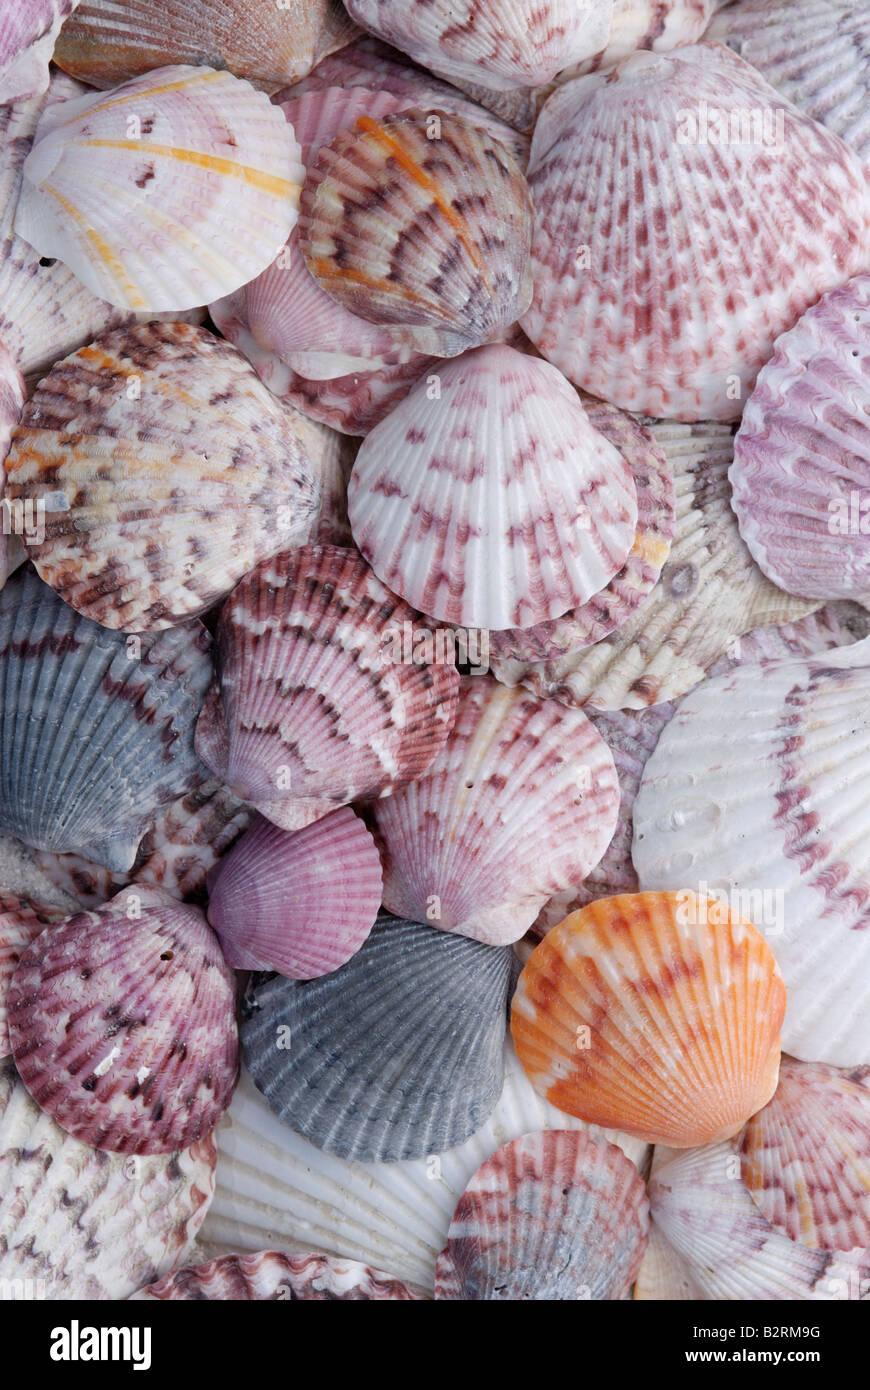 Una varietà di Atlantic calico smerlo Argopecten gibbus gusci che mostra polimorfismo tremenda Immagini Stock